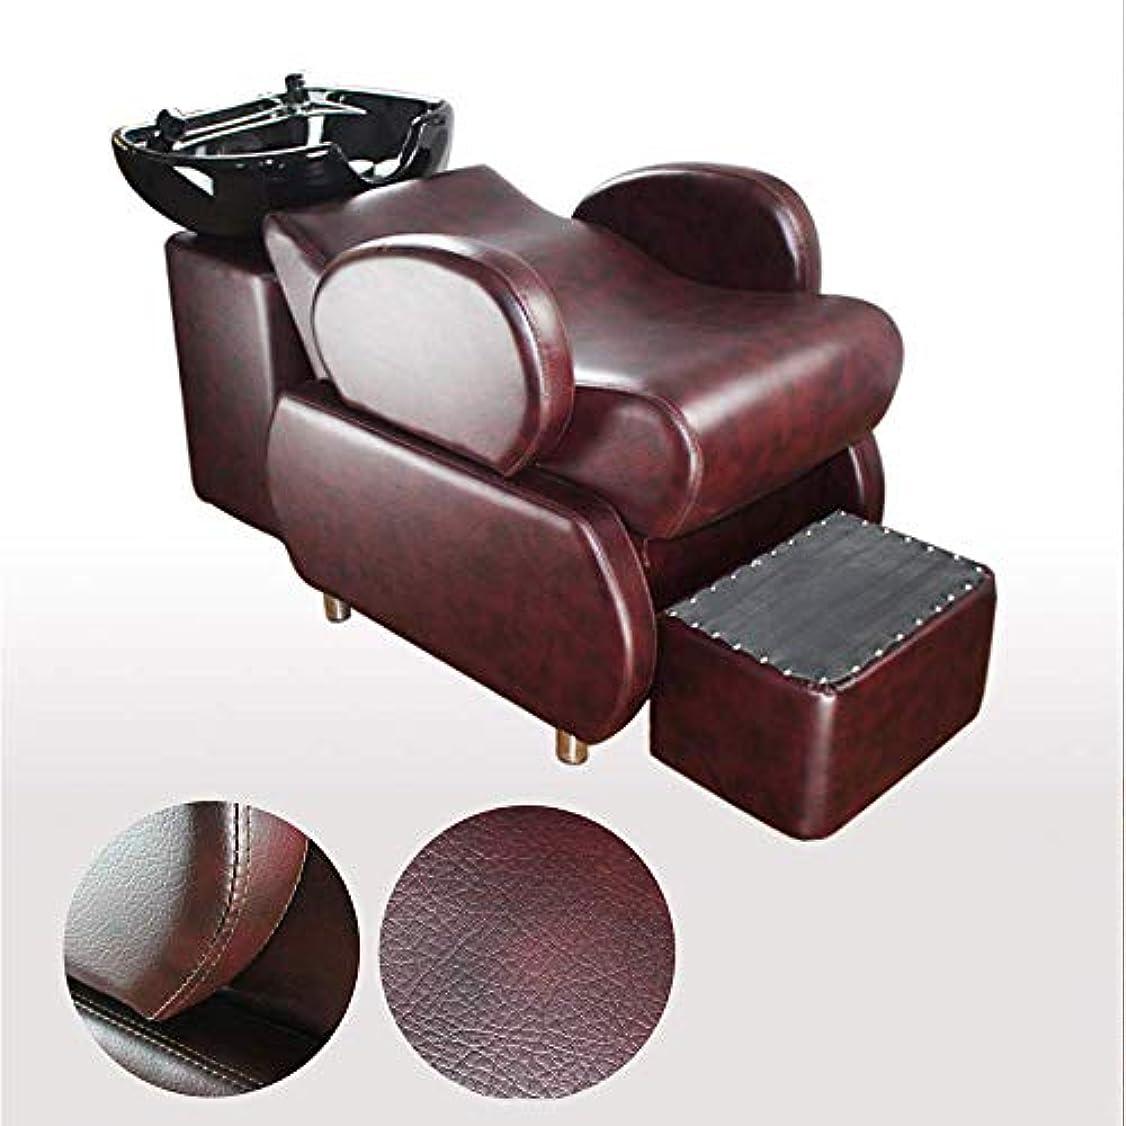 不承認通常ウナギシャンプーチェア、逆洗ユニットシャンプーボウル理髪シンク椅子半横たわっているシャンプーベッドスパ美容院機器